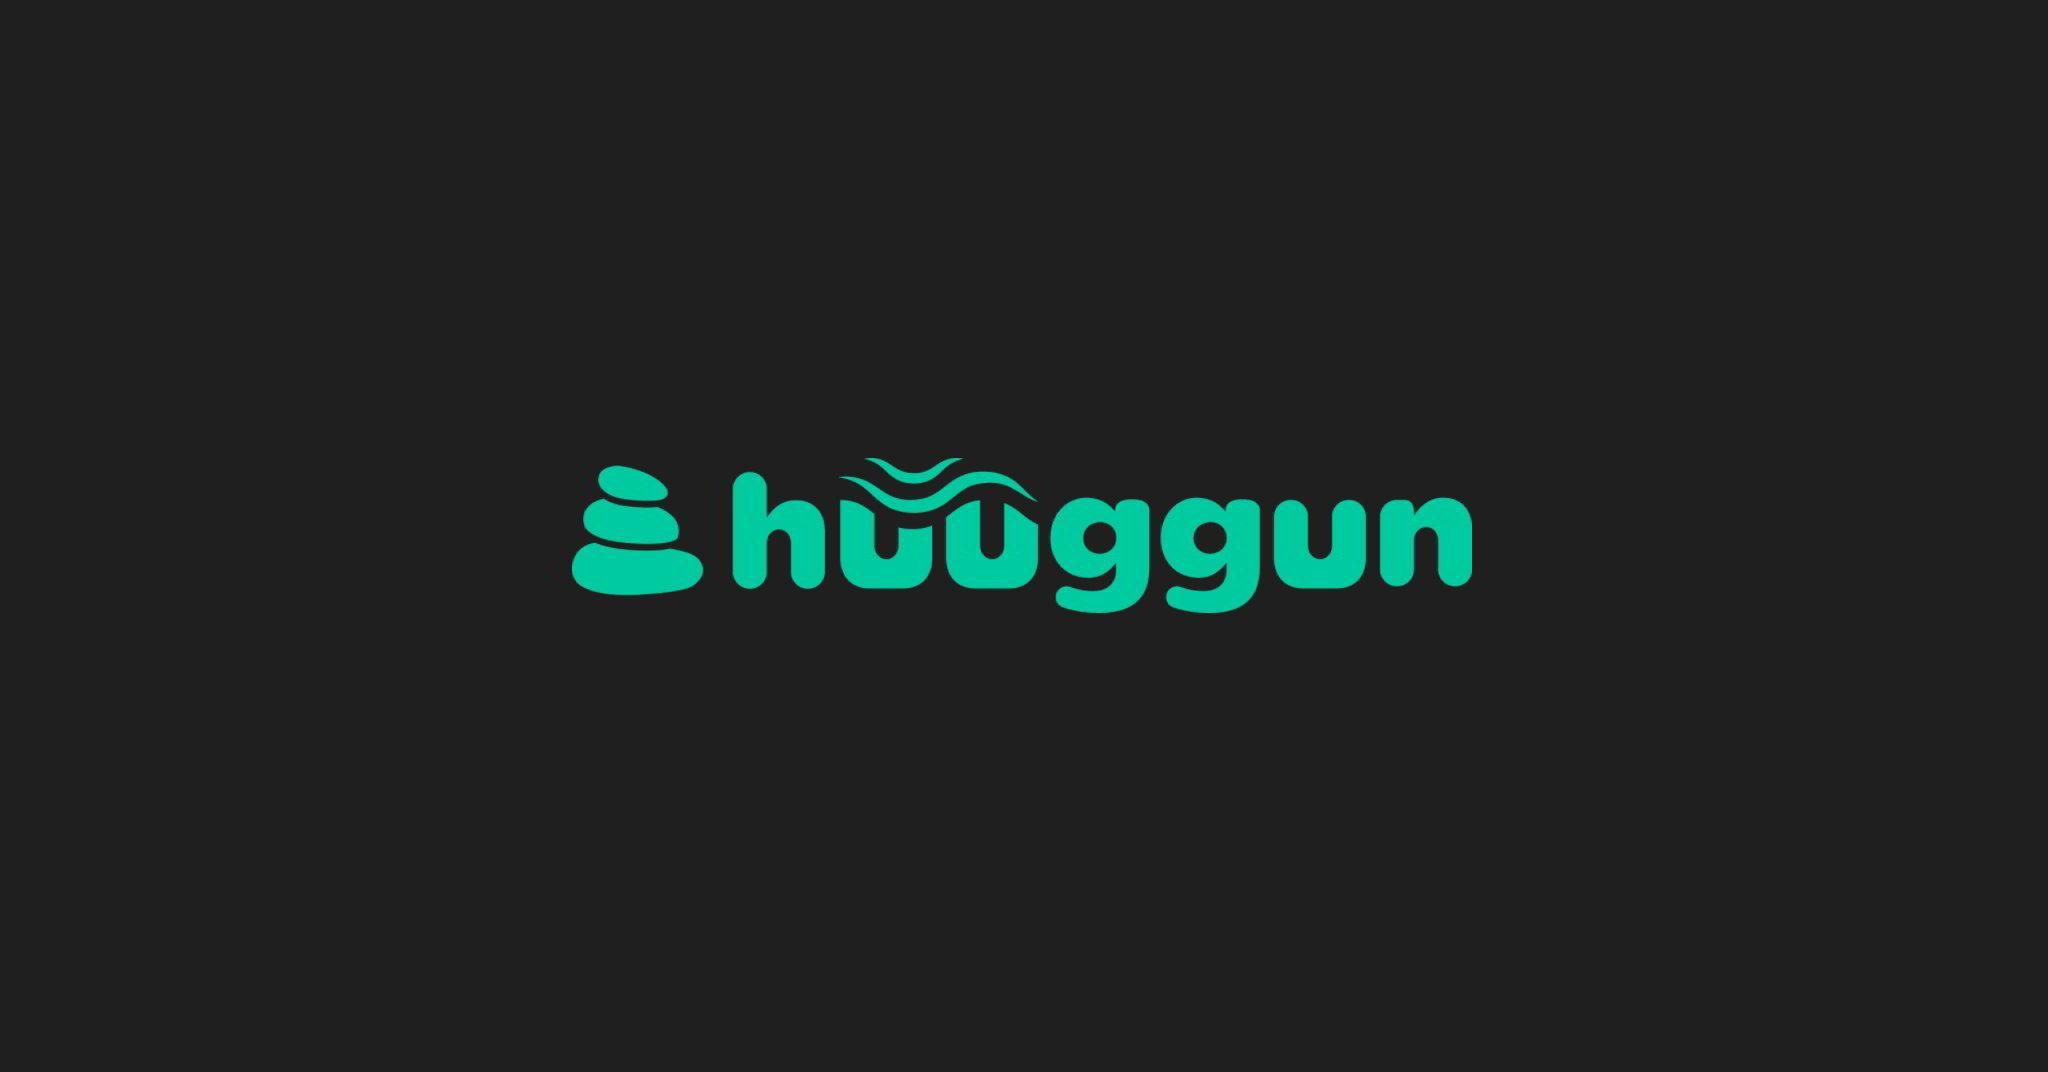 Huuggun - Hot Tub Sharing Service